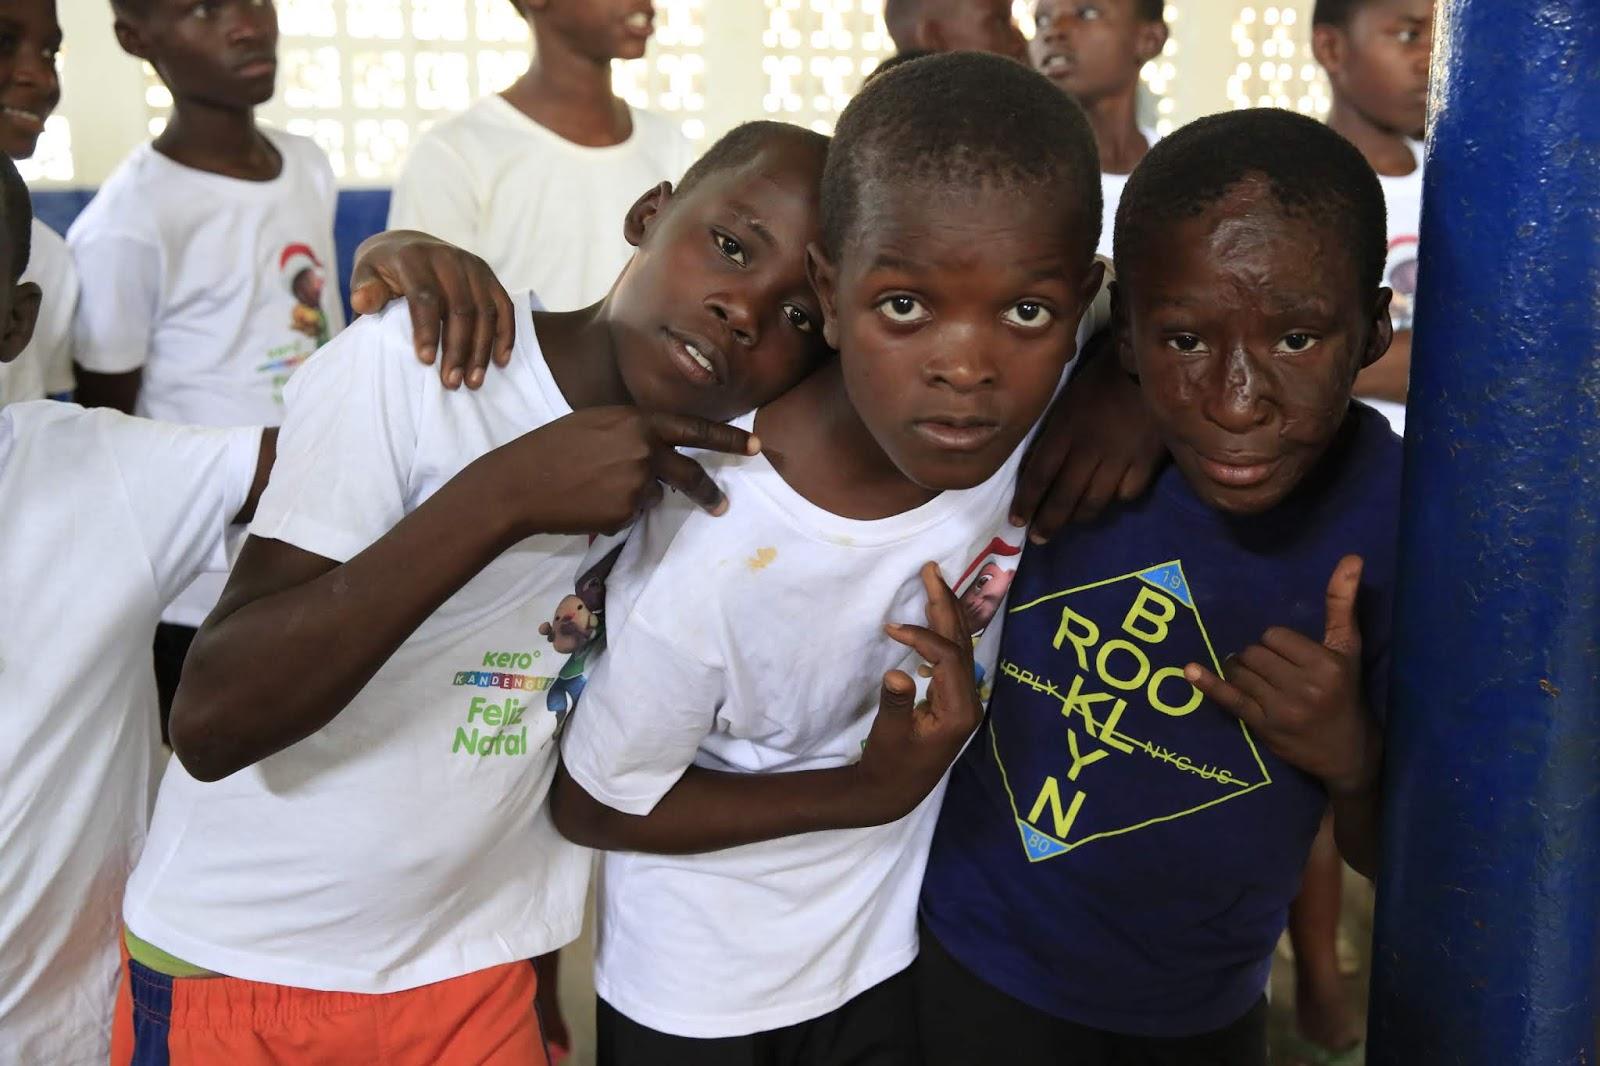 Crianças E Jovens Desfavorecidos Brindados Com Palestra